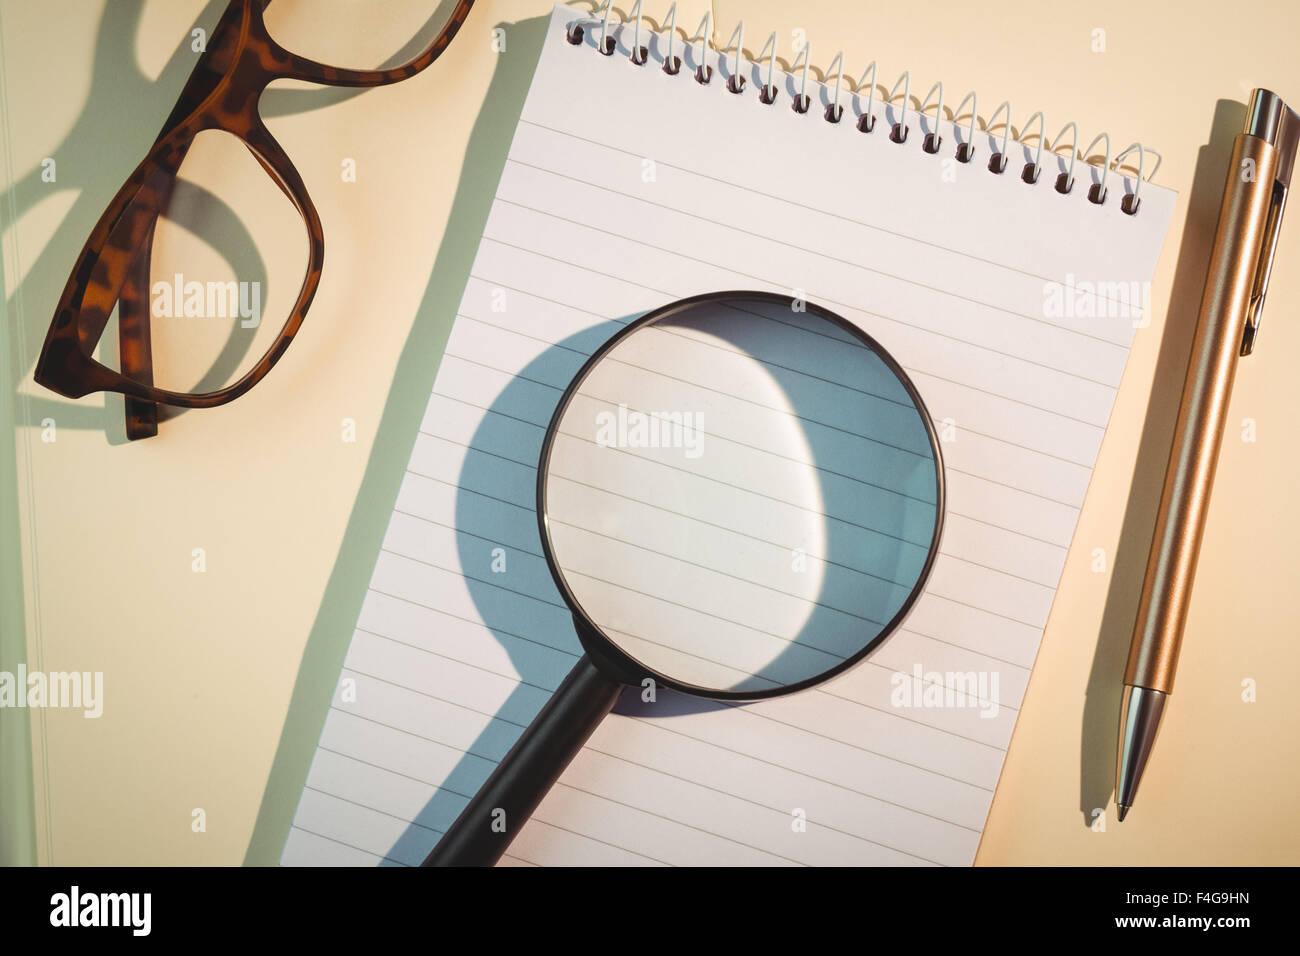 Lupa en el bloc de notas en medio de pluma y gafas Imagen De Stock